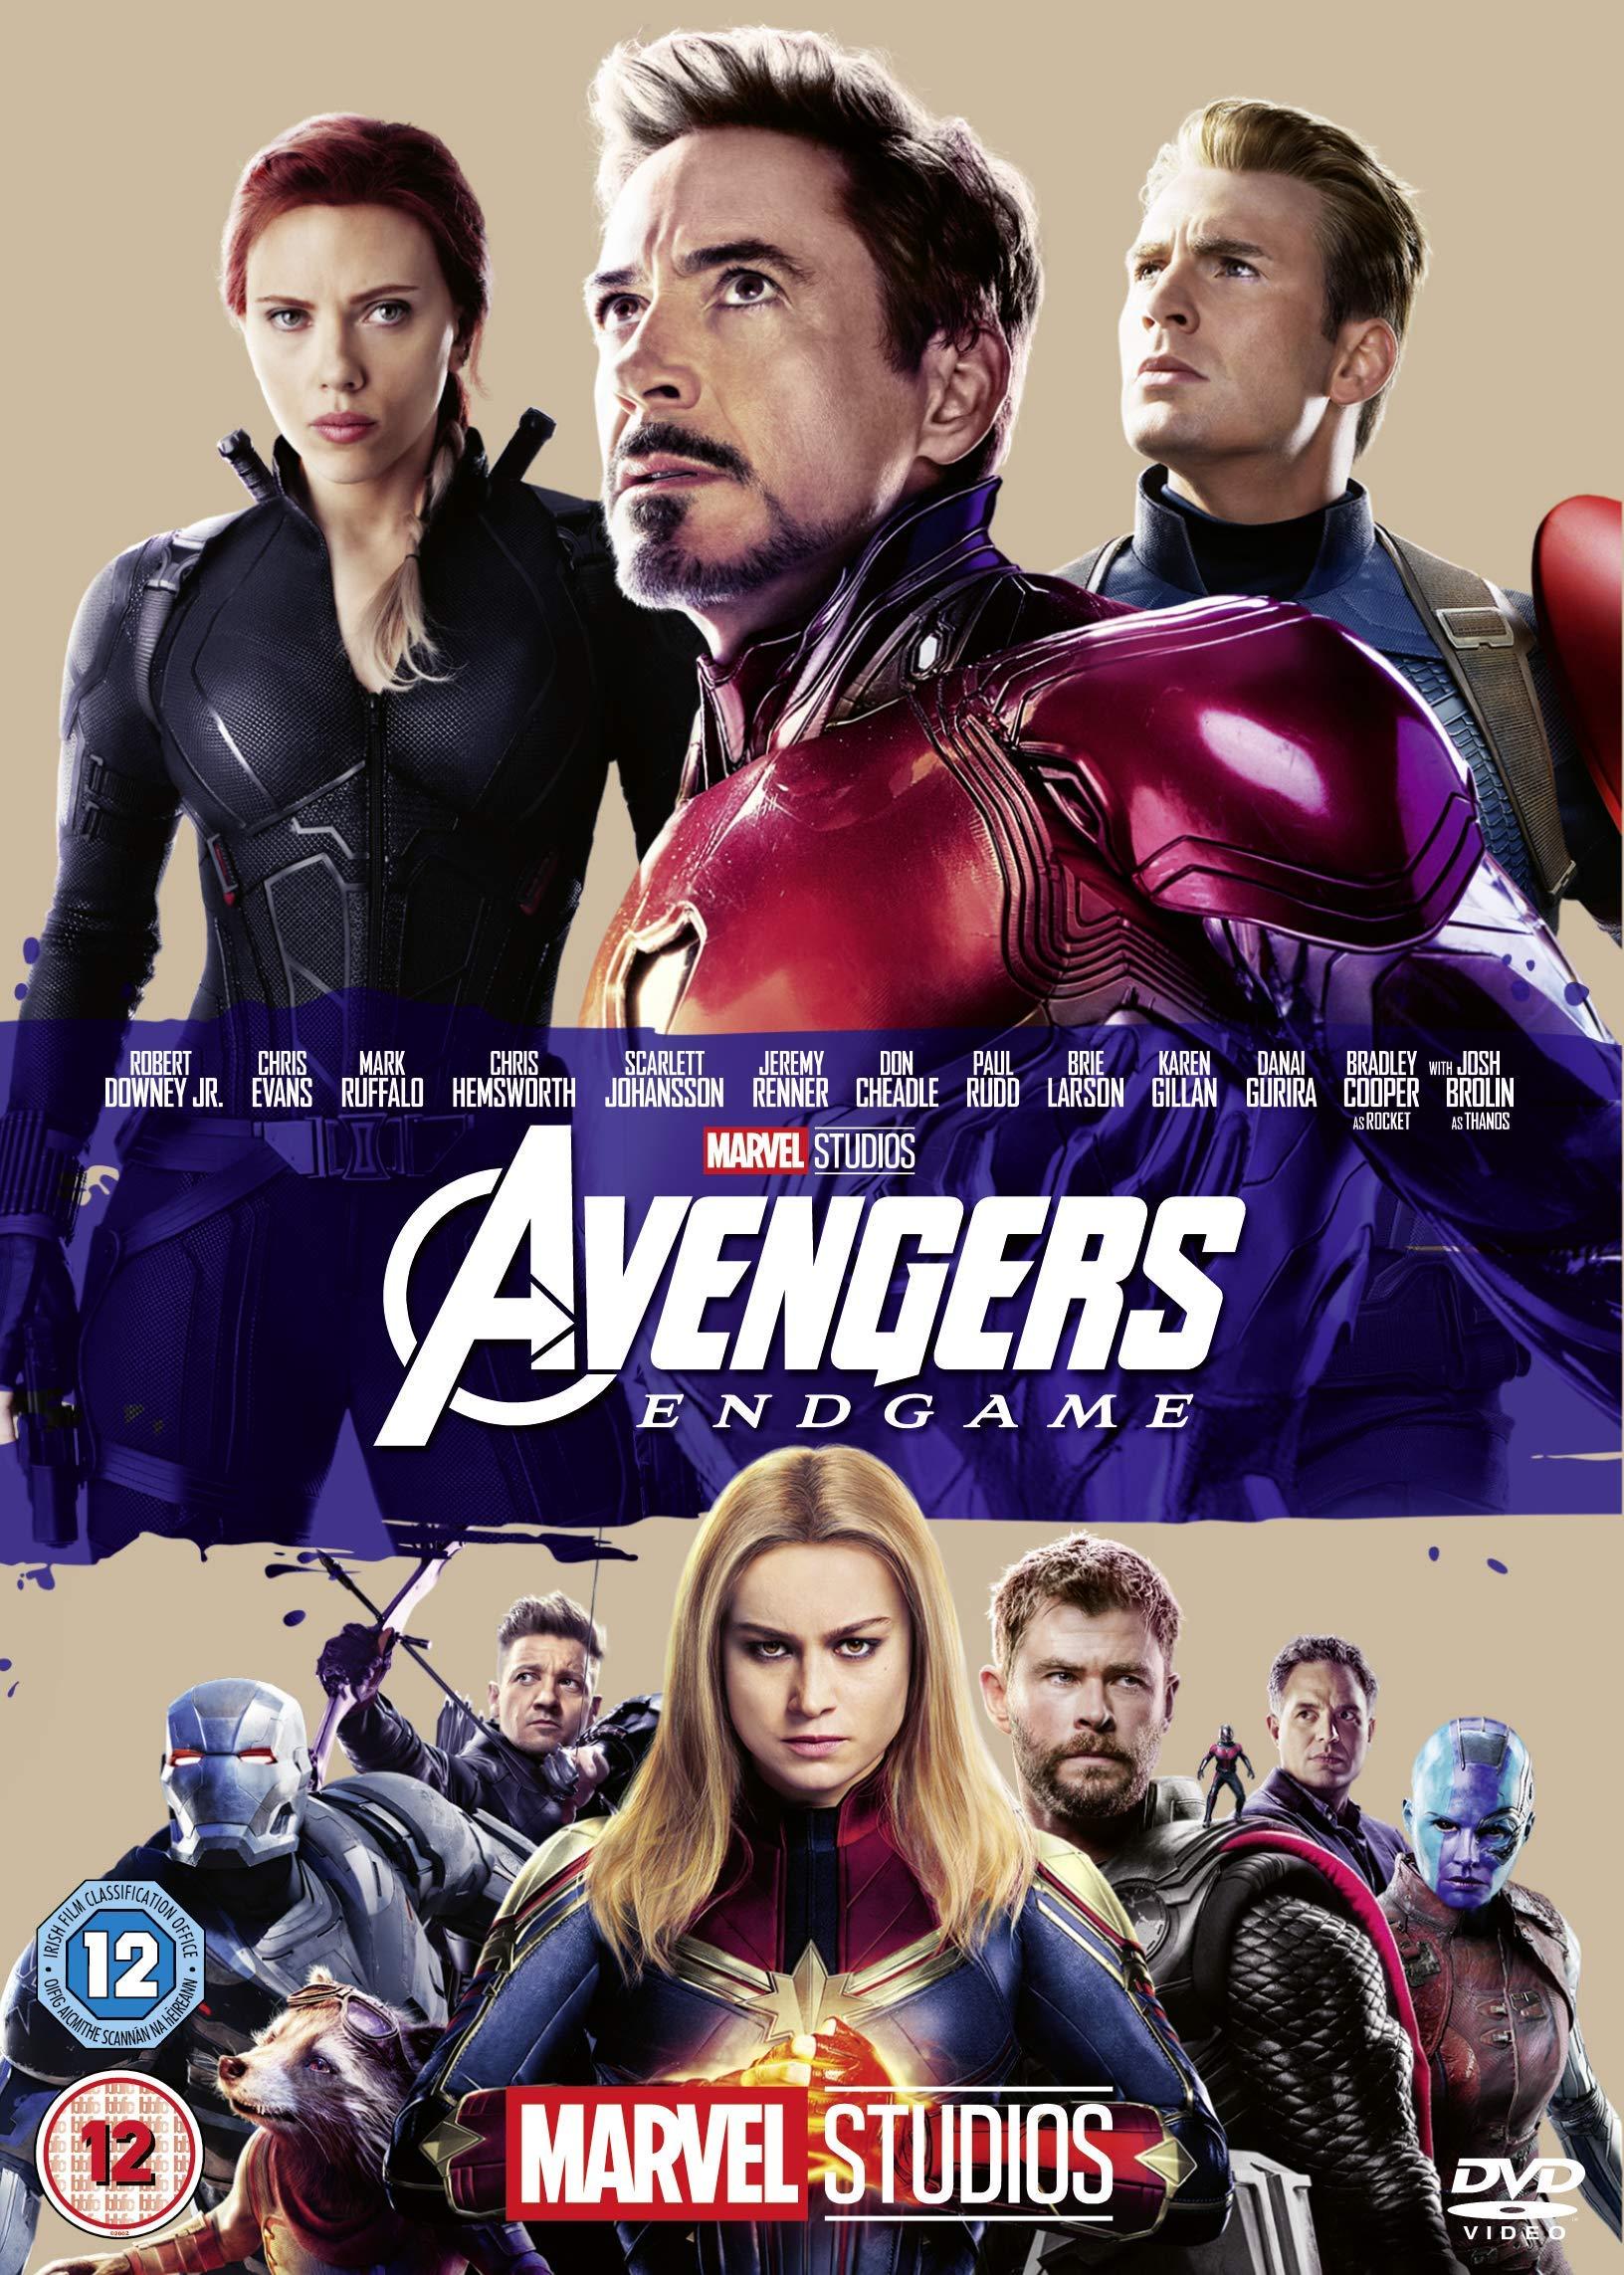 Marvel Cinematic Universe film 22 - Avengers: Endgame